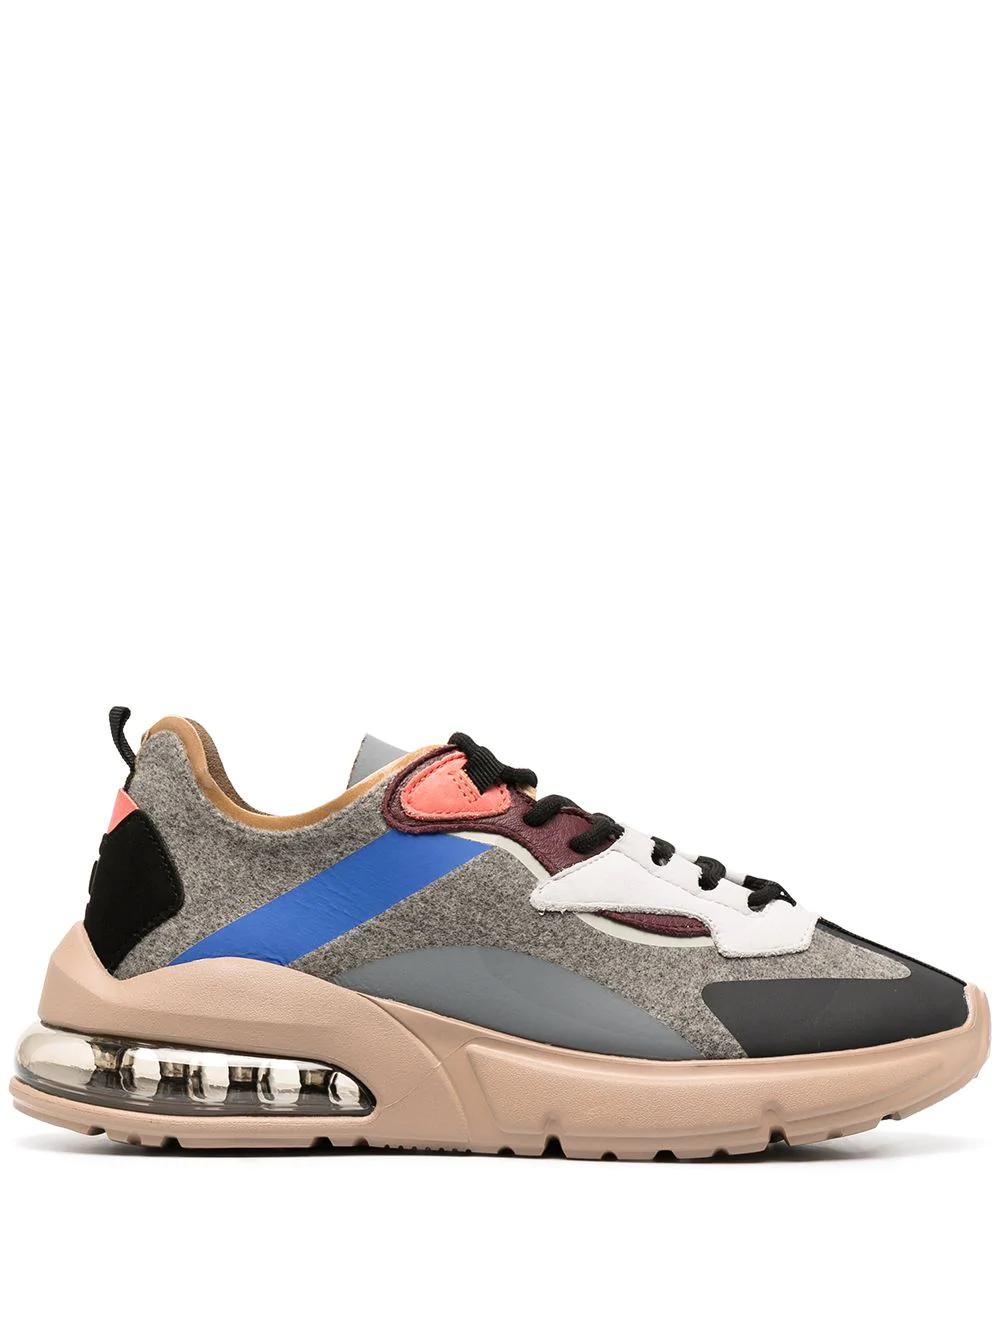 D A T E Fuga Low Top Sneakers Farfetch Top Sneakers Sneakers Sneakers Grey